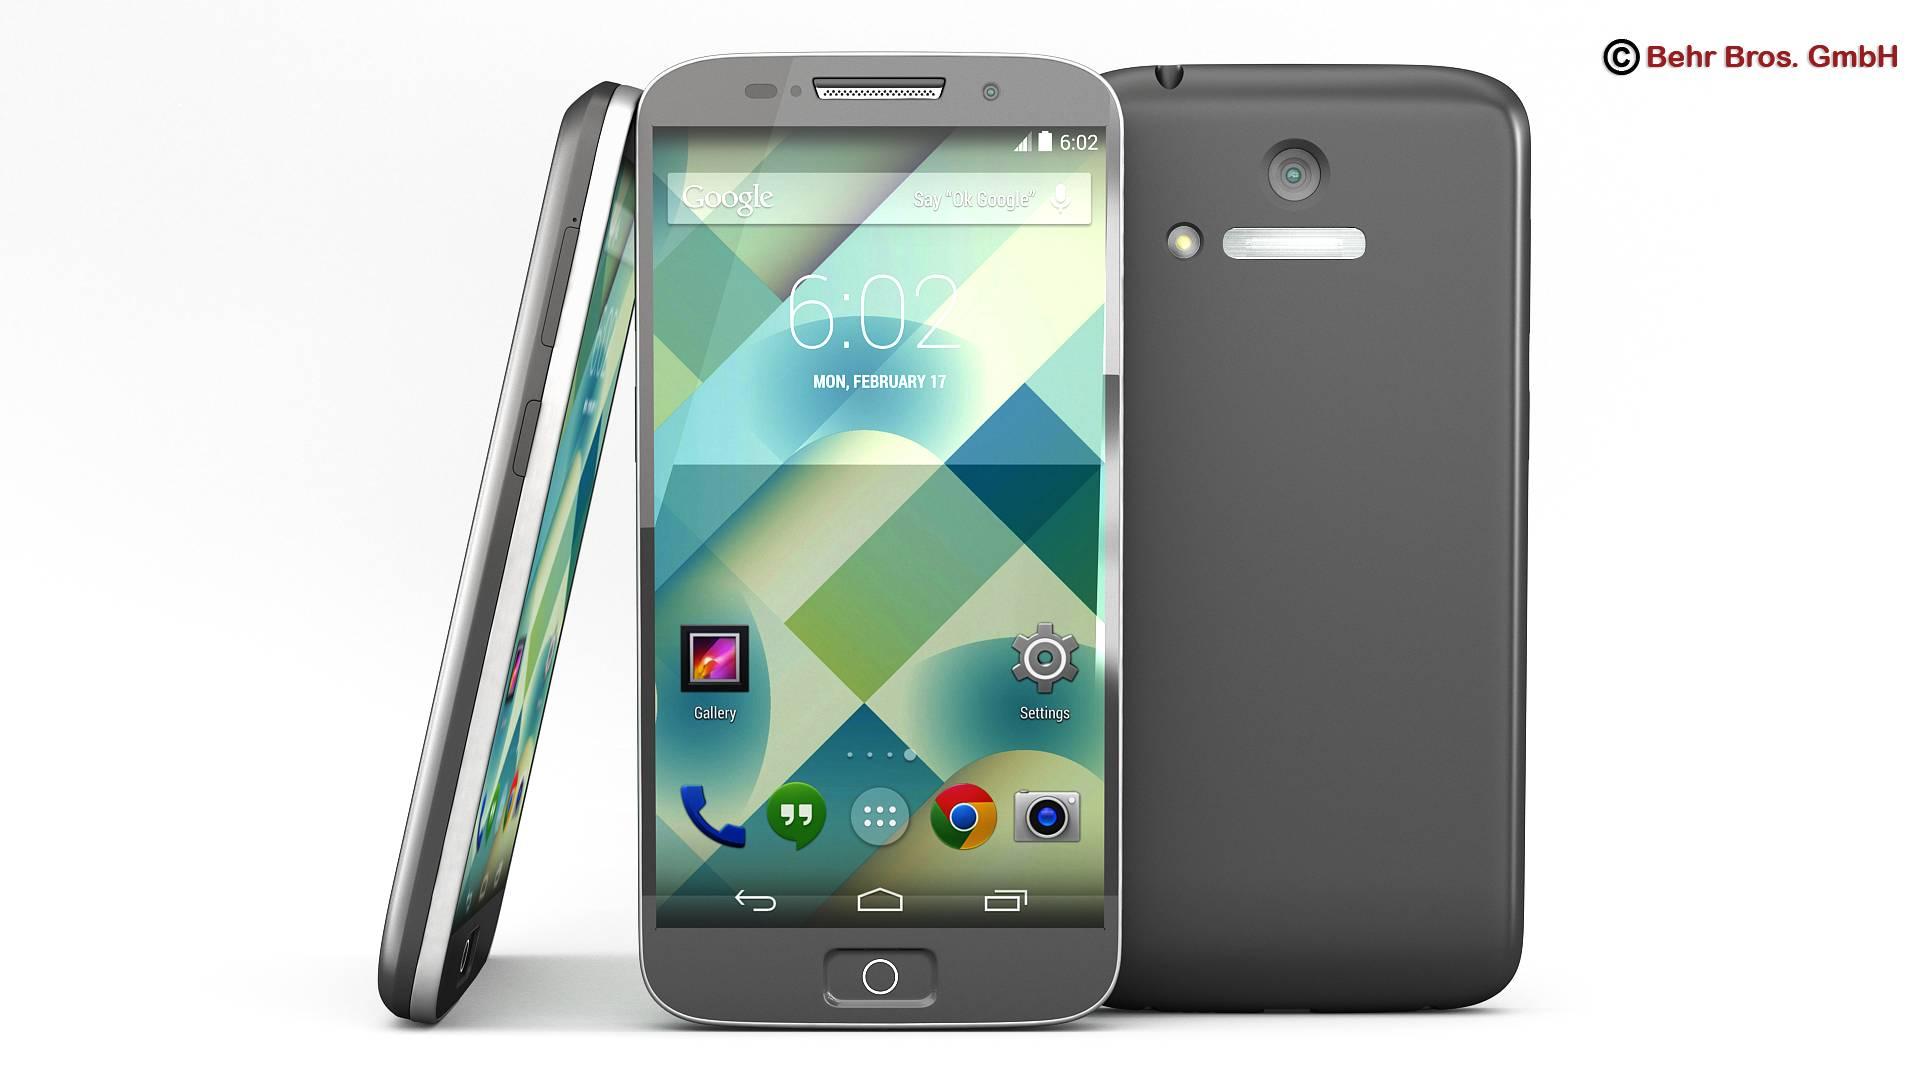 generic smartphone 4.6 cal 3d model 3ds max fbx c4d lwo ma mb obj 161634